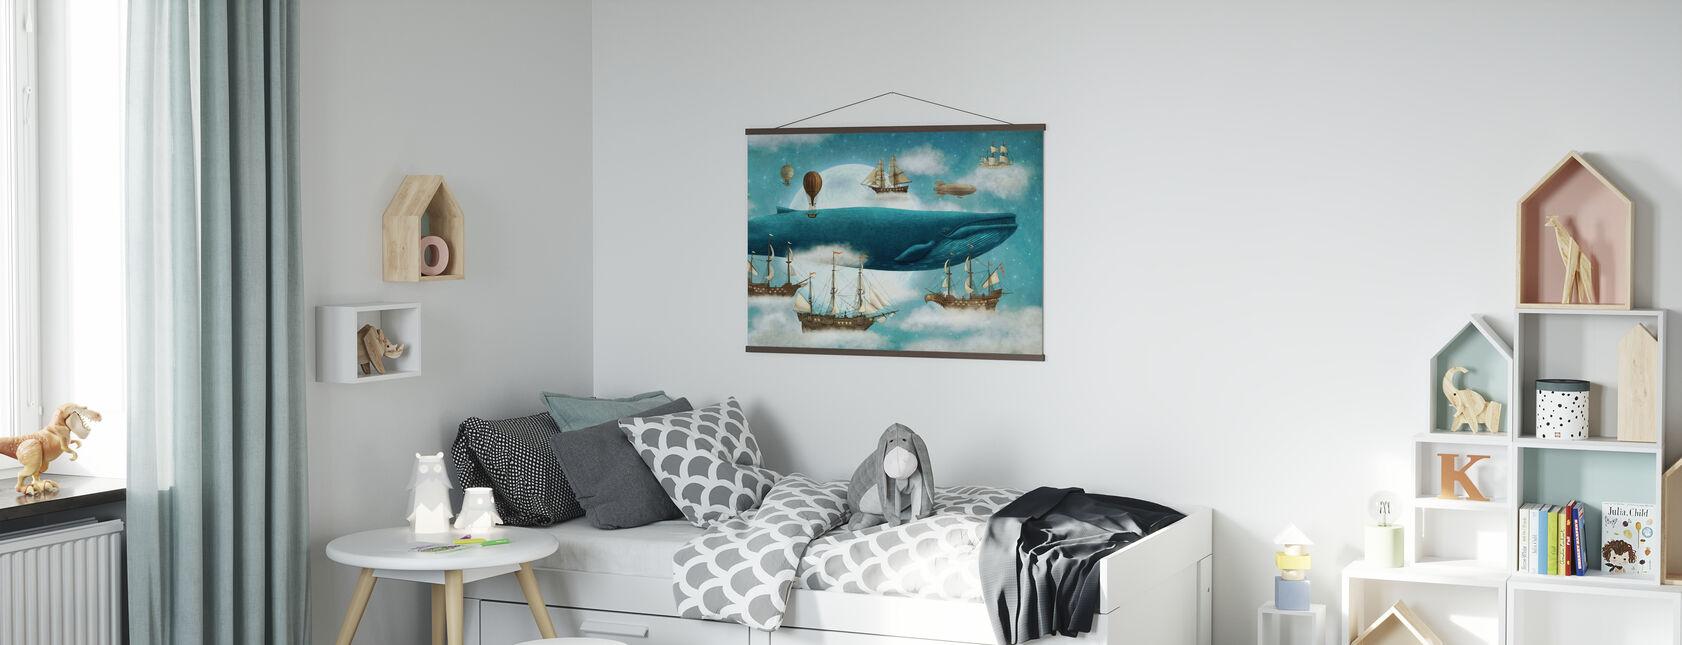 Ocean Meets Sky - Poster - Kids Room